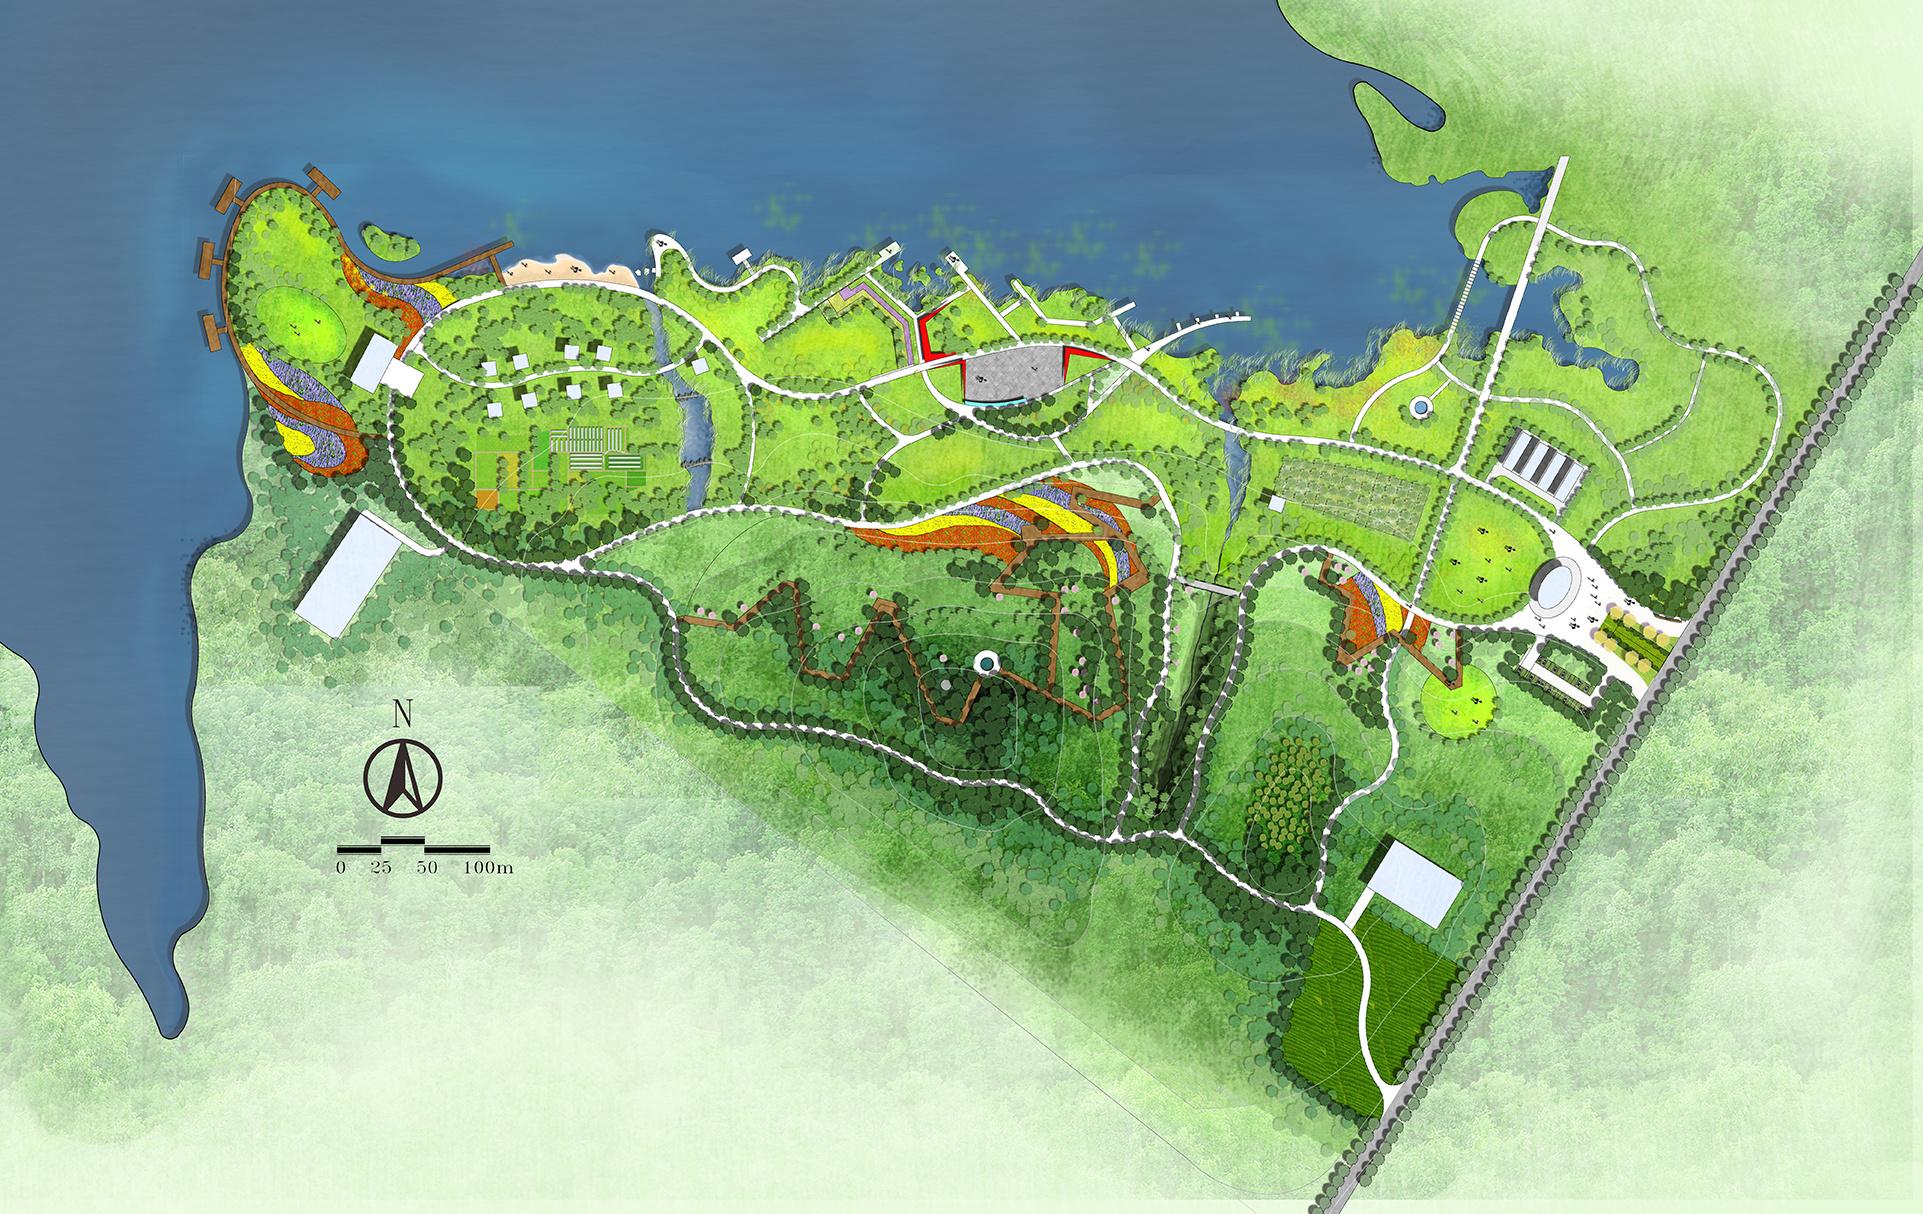 一个生态农庄的平面表现|空间|景观设计|小梁jg